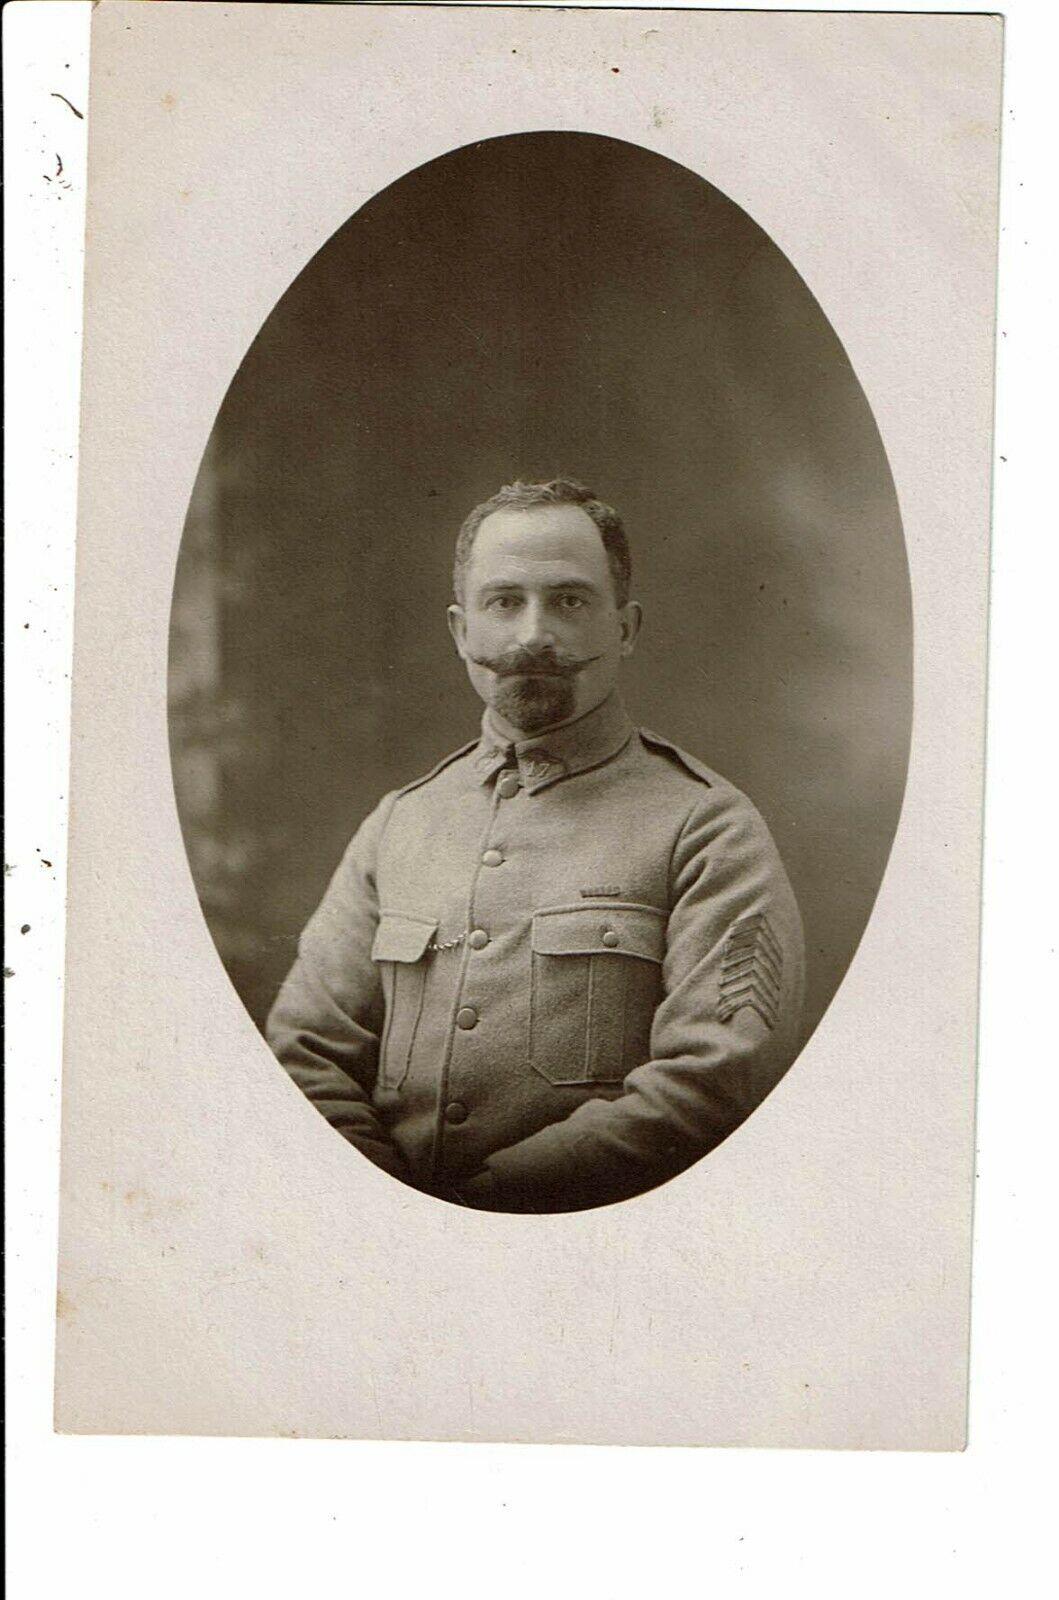 CPA-Carte Postale-France-Photographie d'un militaire  moustachu- VM6807